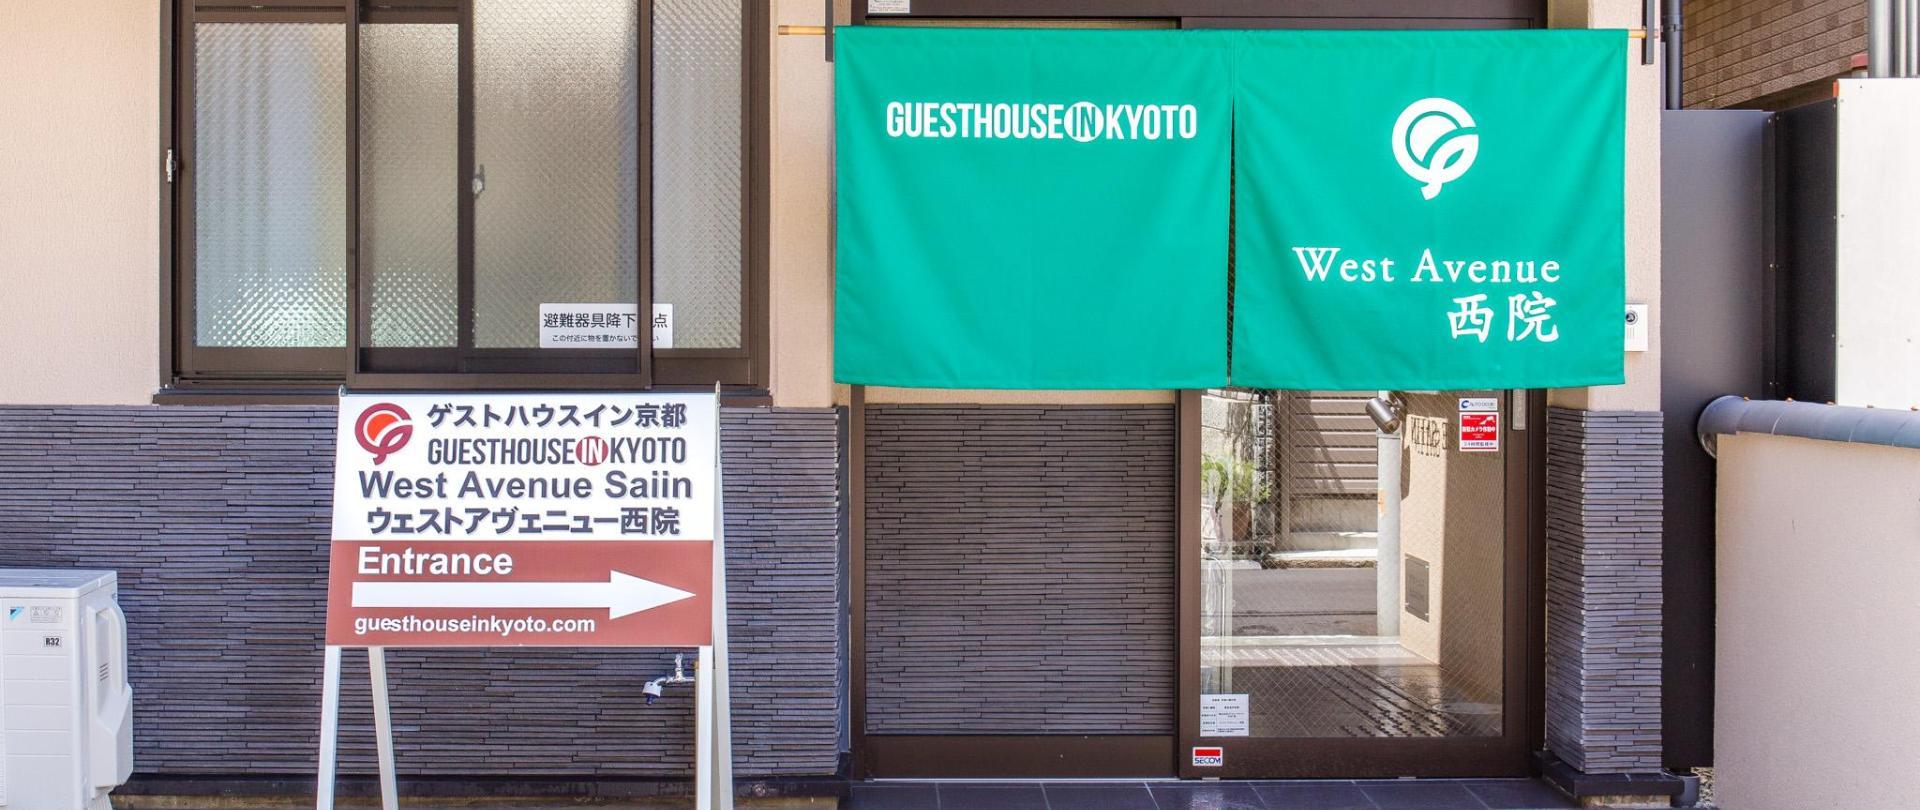 West Avenue Saiin